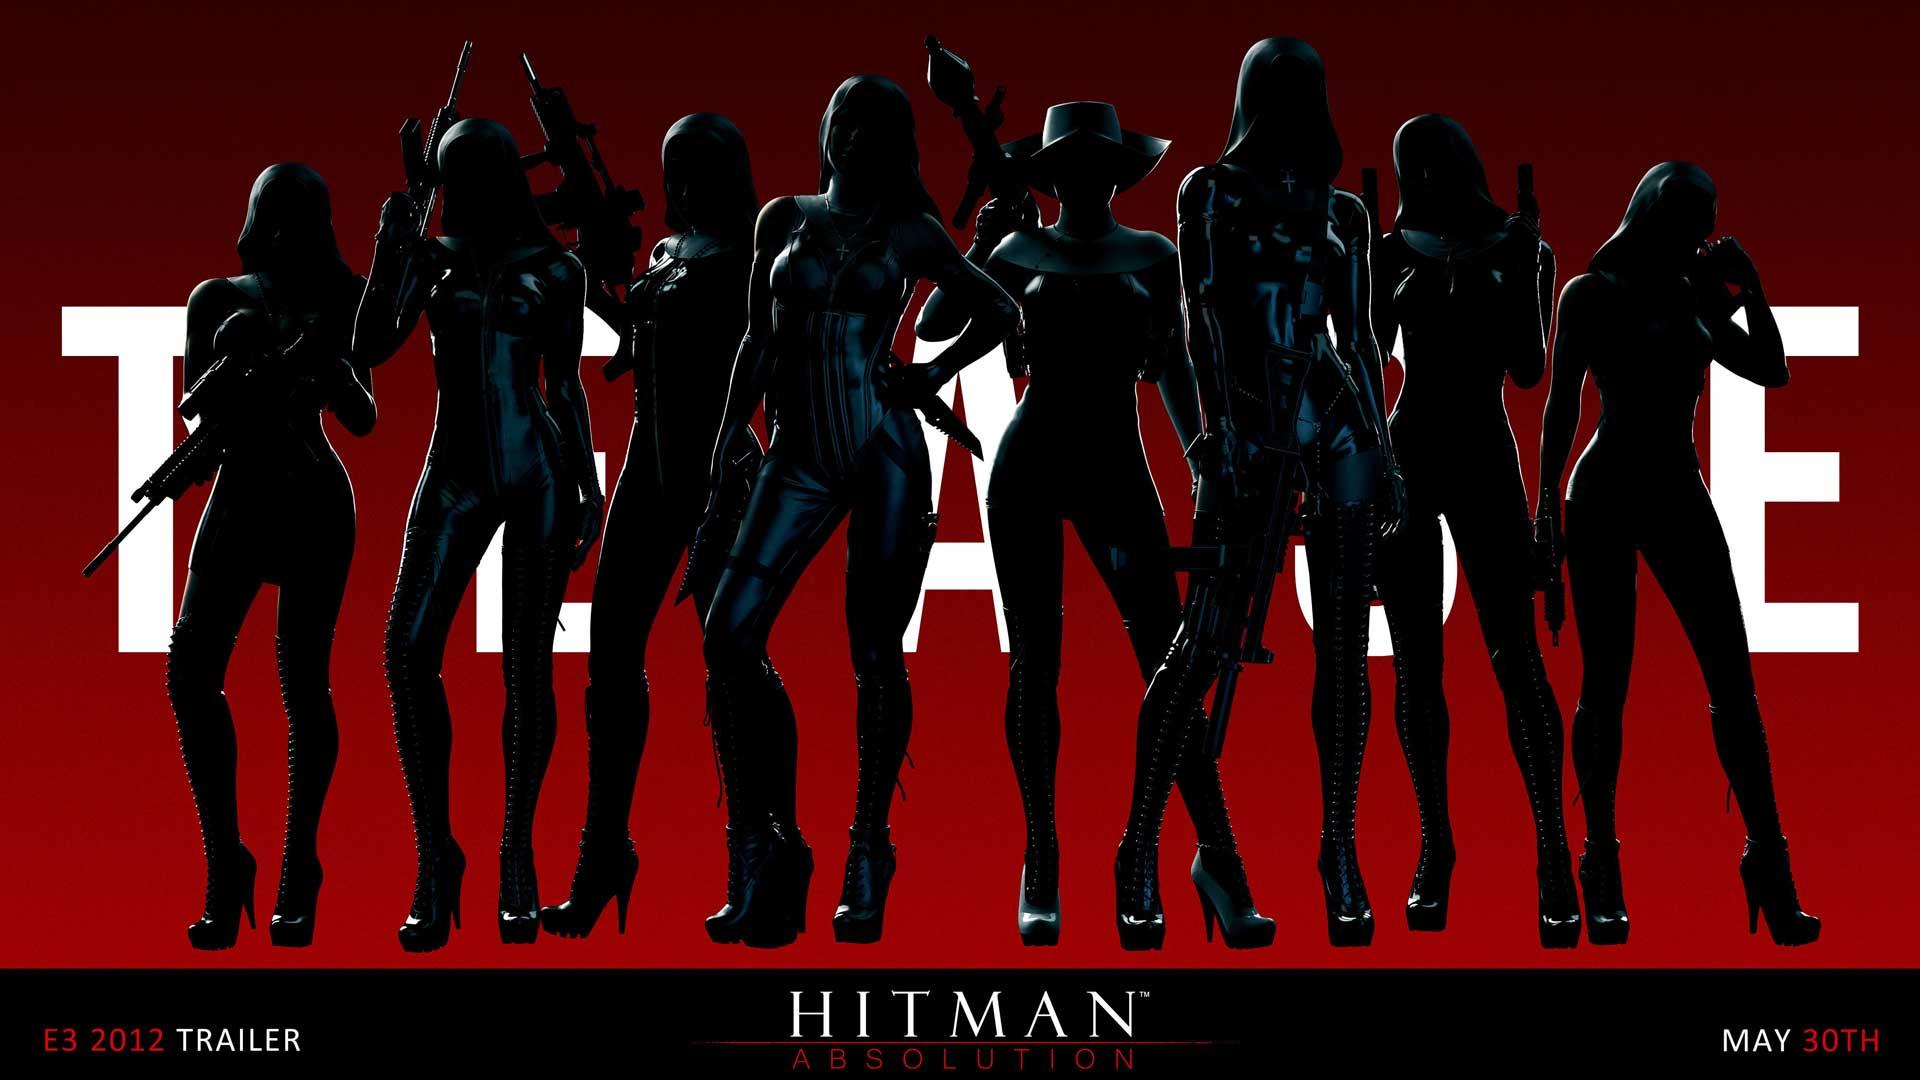 El Agente 47 se carga a una pandilla de monjas ricas en este trailer de Hitman: Absolution [Video #E3]